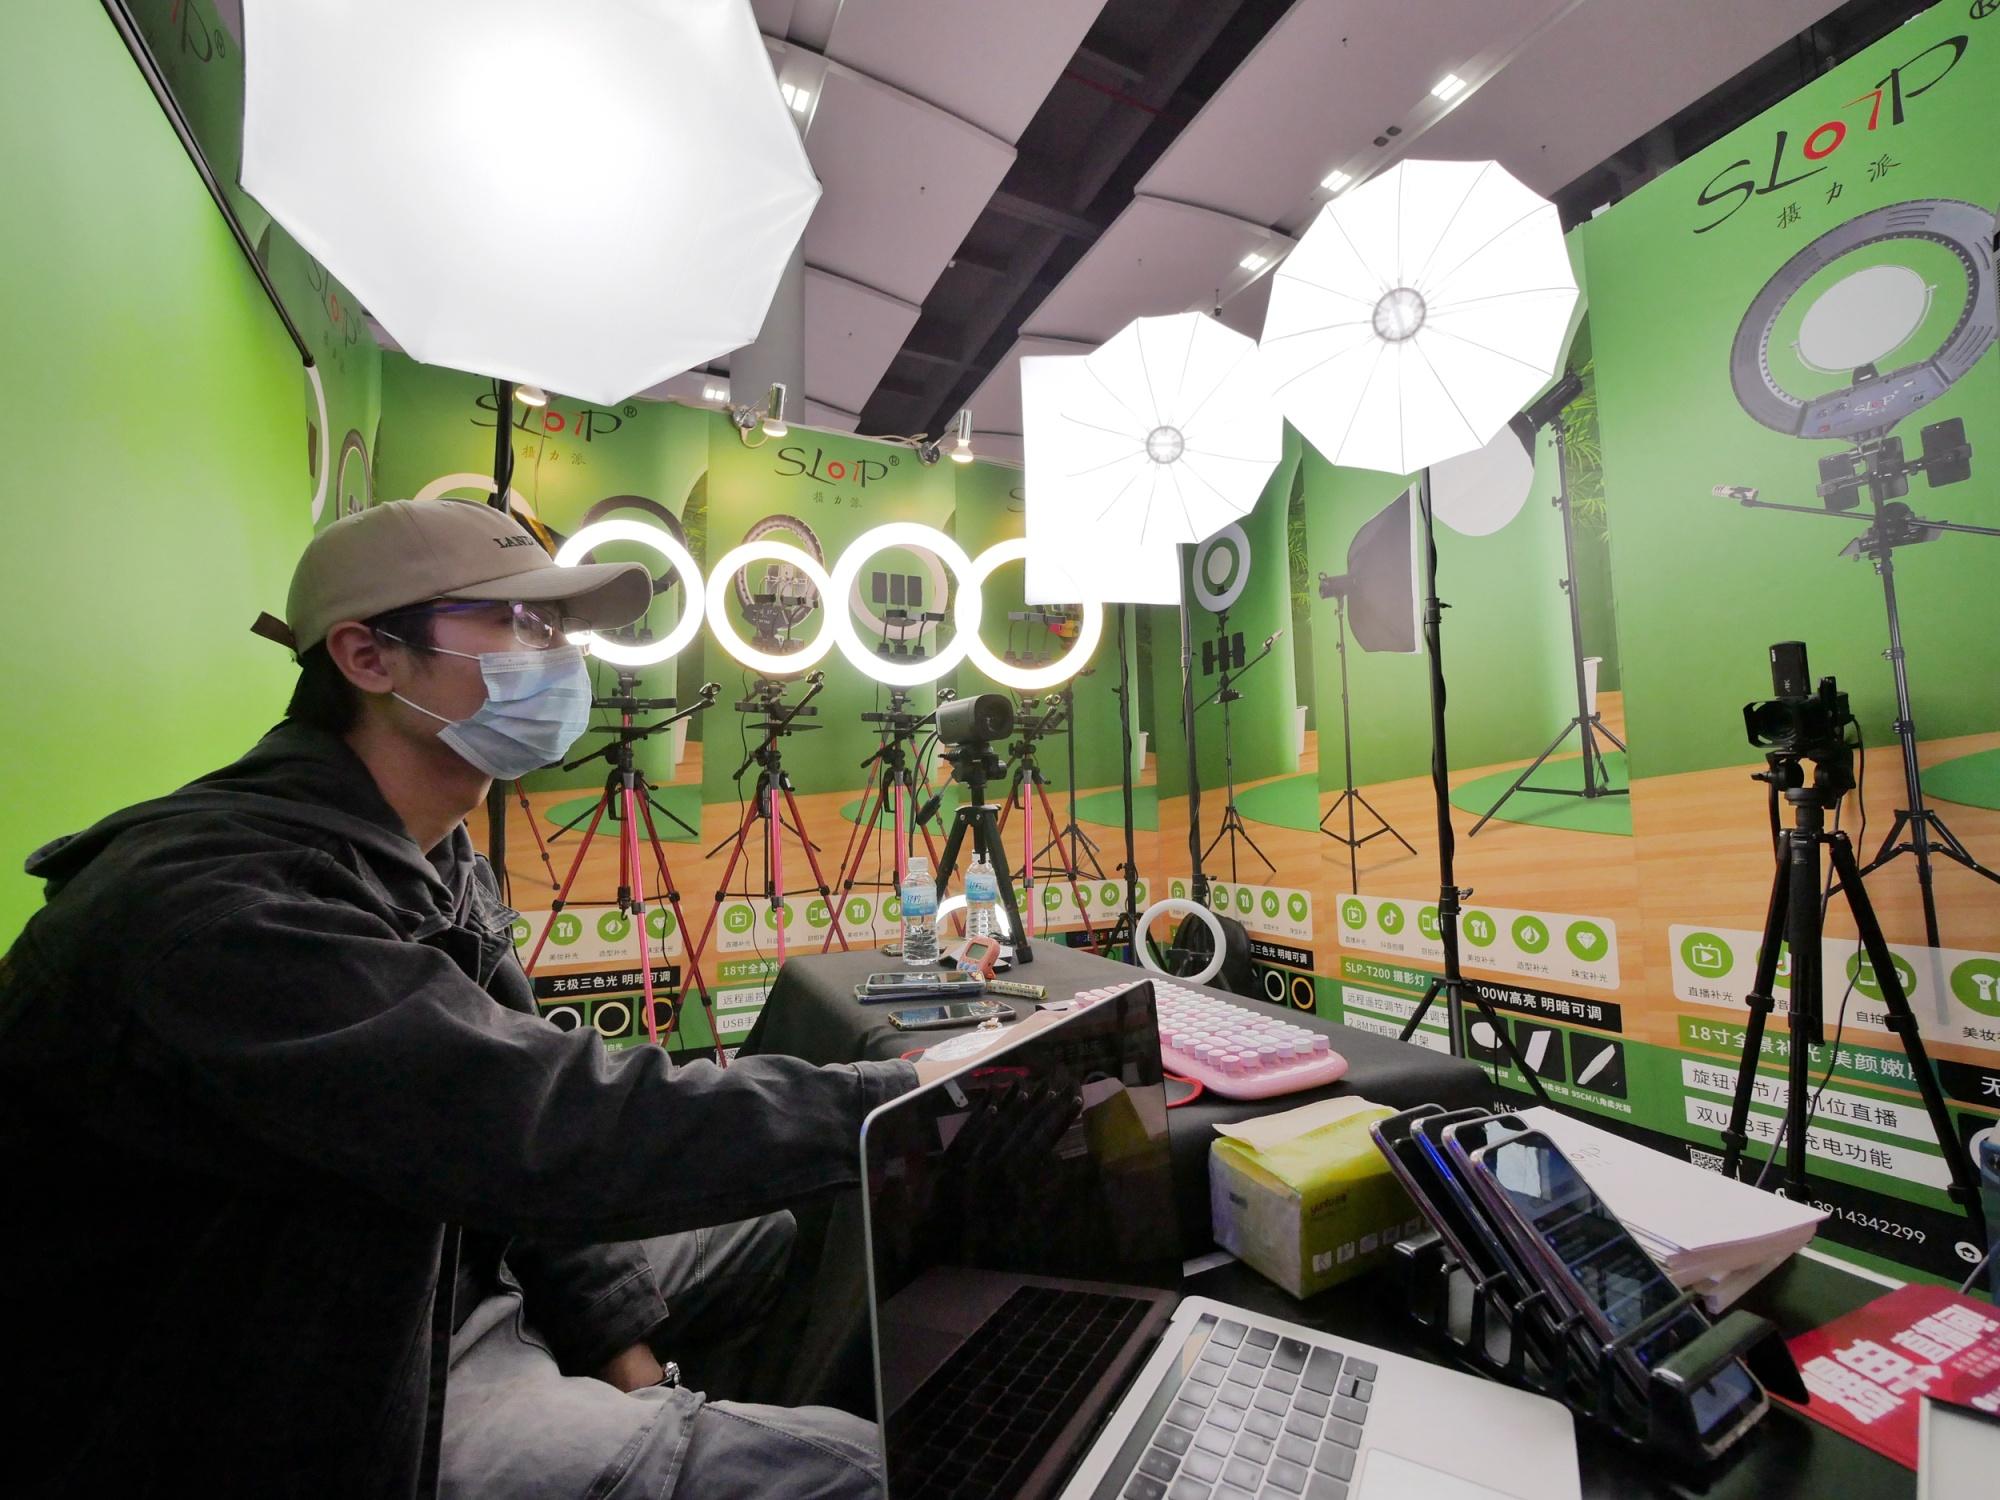 Perlengkapan lampu di Pameran Industri Streaming Langsung Internasional Guangzhou 2020 pada 27 Desember 2020.